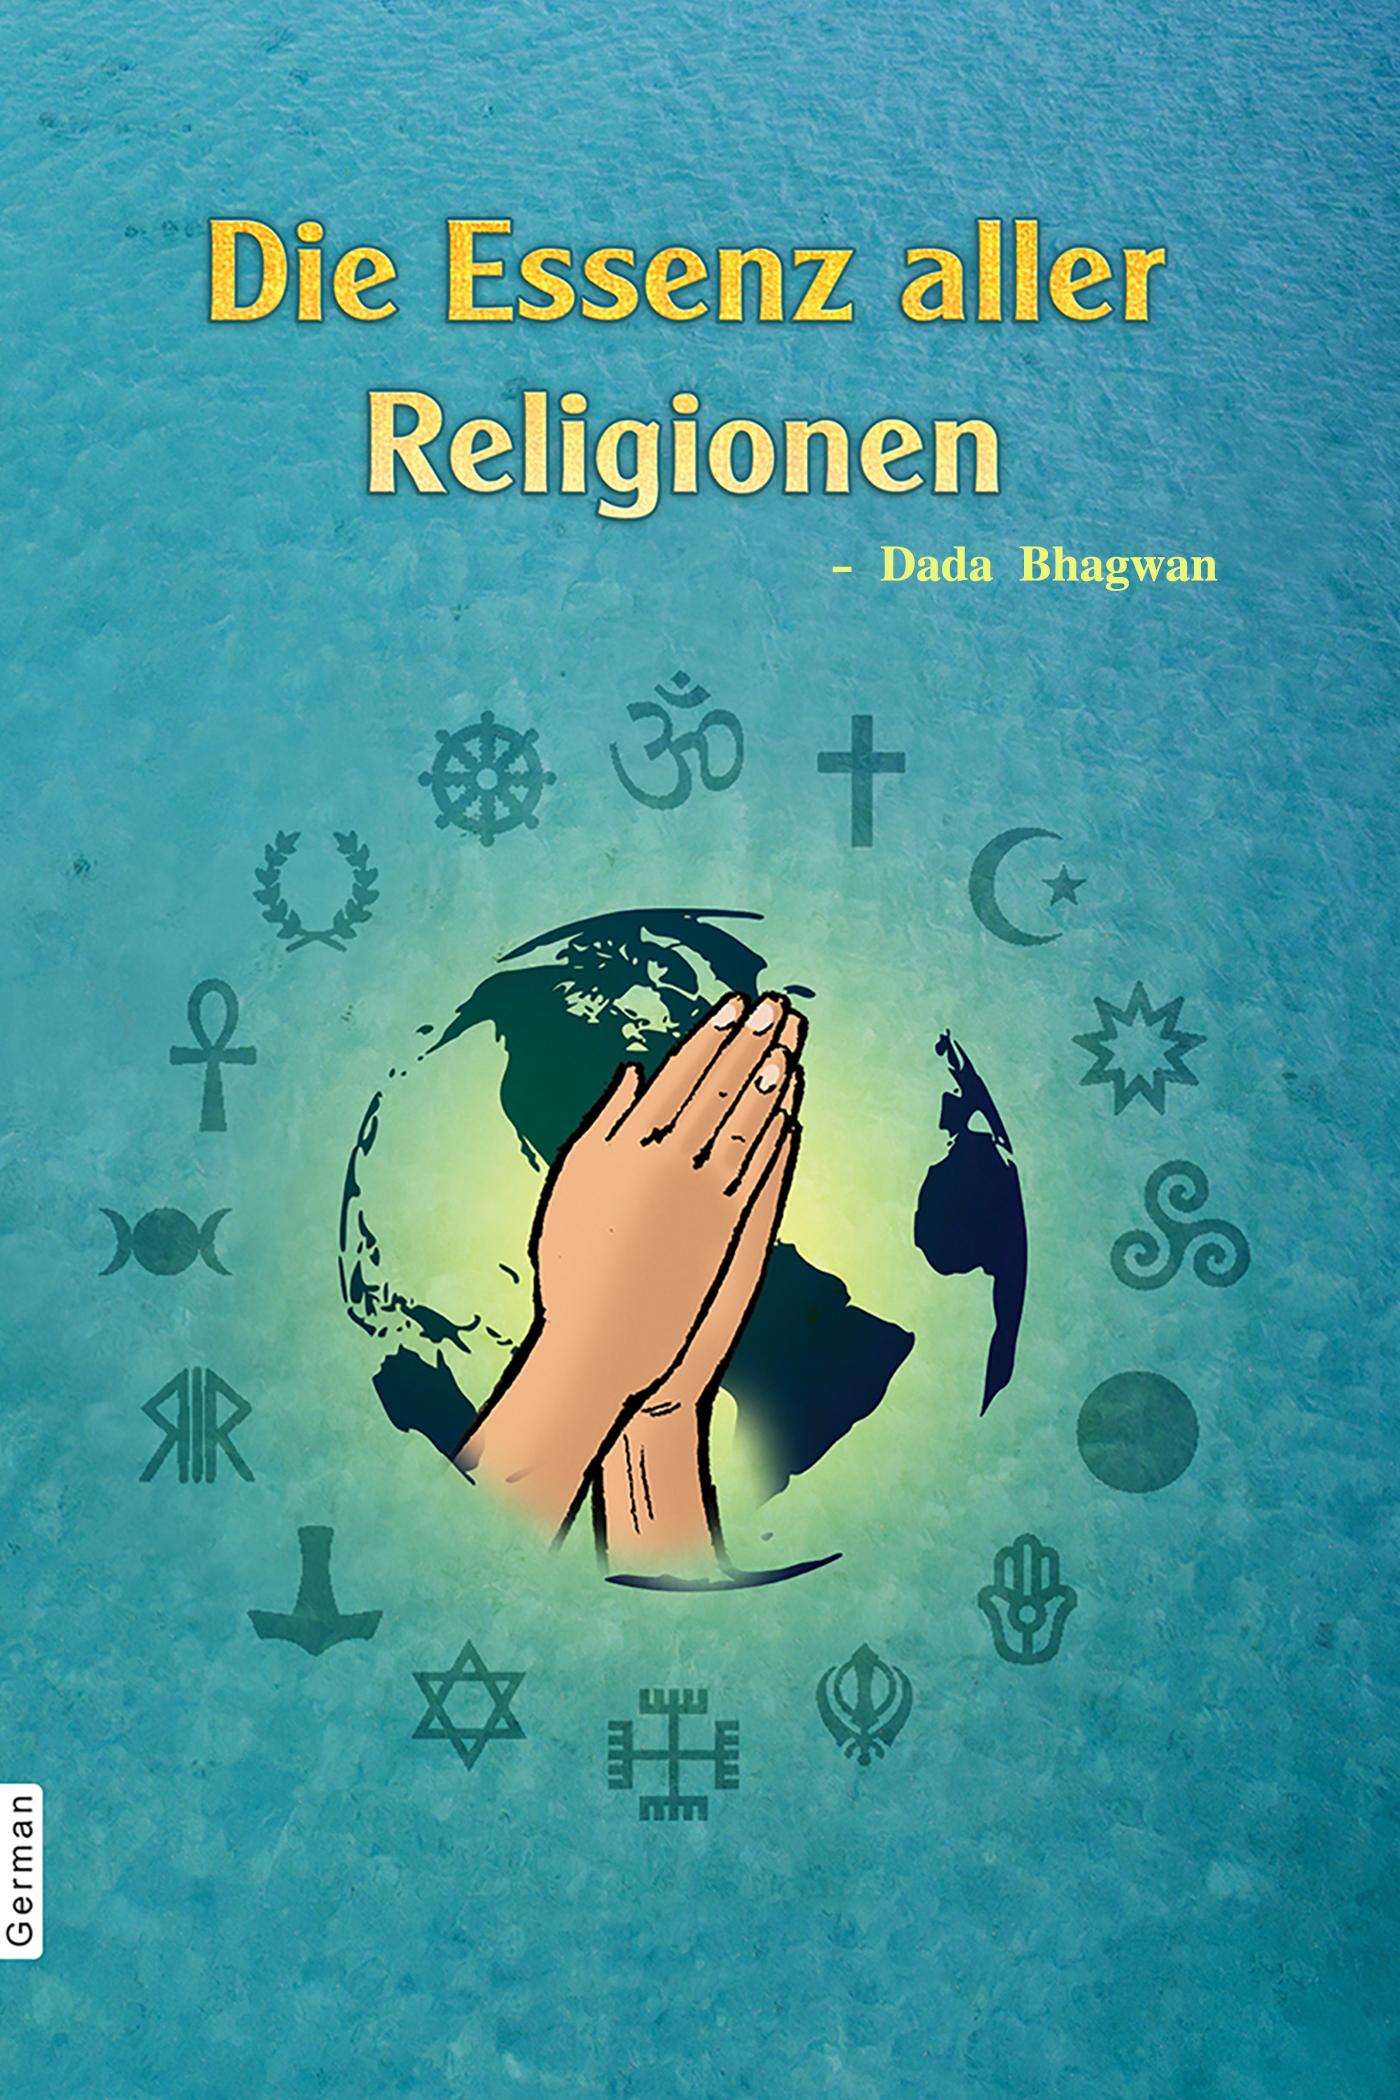 Die Essenz aller Religionen